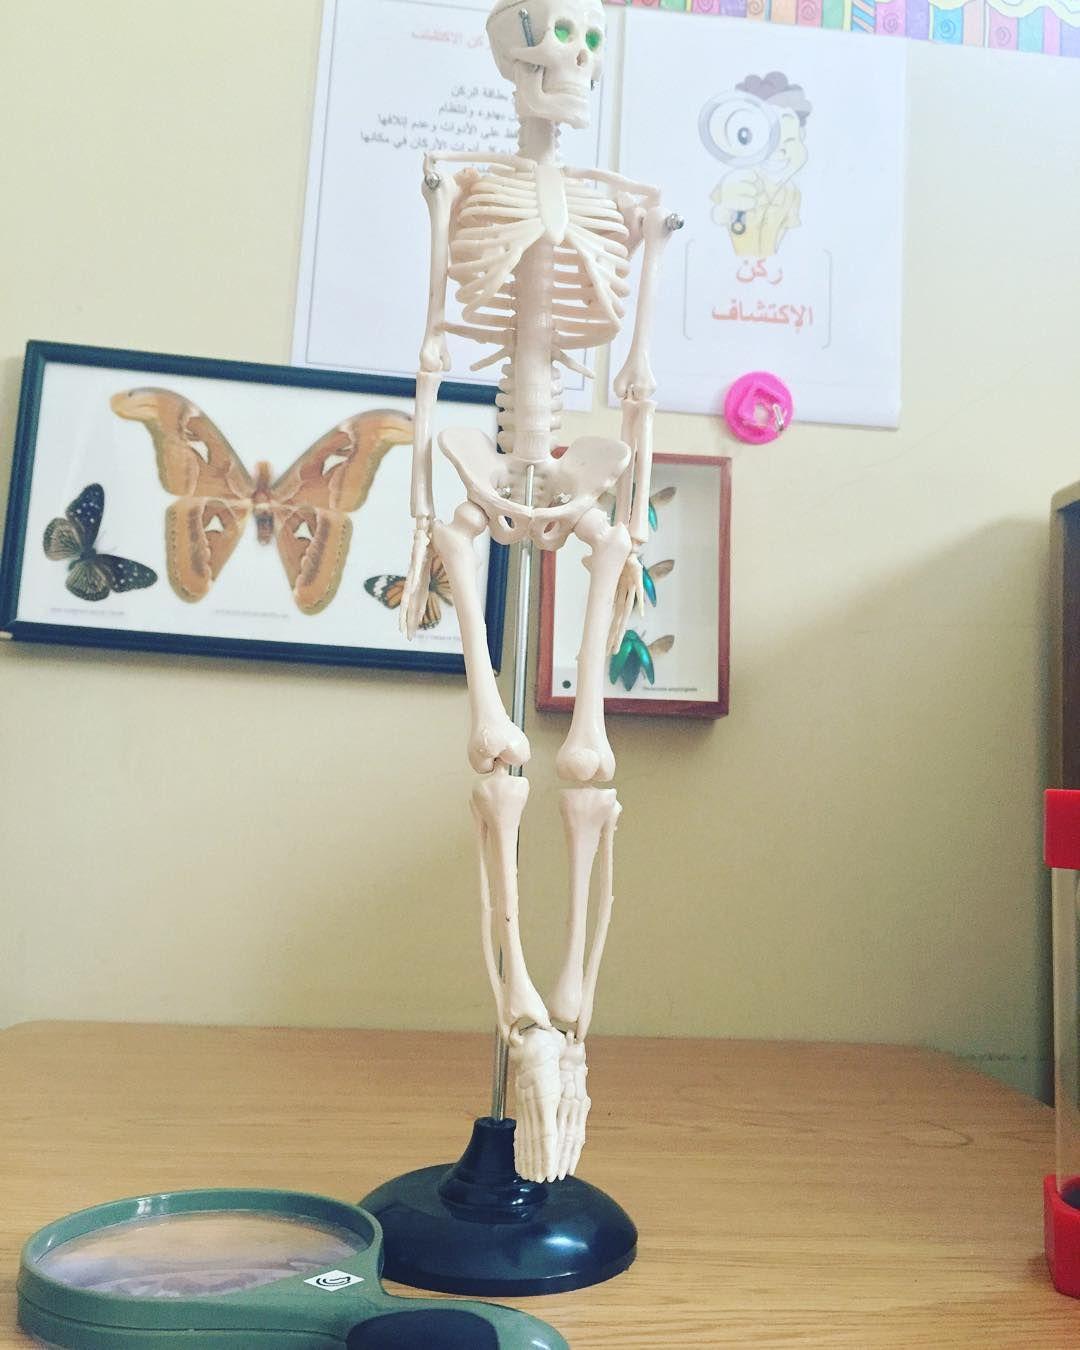 غ راس م عل مة On Instagram ركن الإكتشاف وضعت لهم هيكل عظمي لأني مالقيت مجسم لعظام كف اليد لوحدها وطلبت منهم يتفحصون اليد واجزا Novelty Lamp Lamp Table Lamp